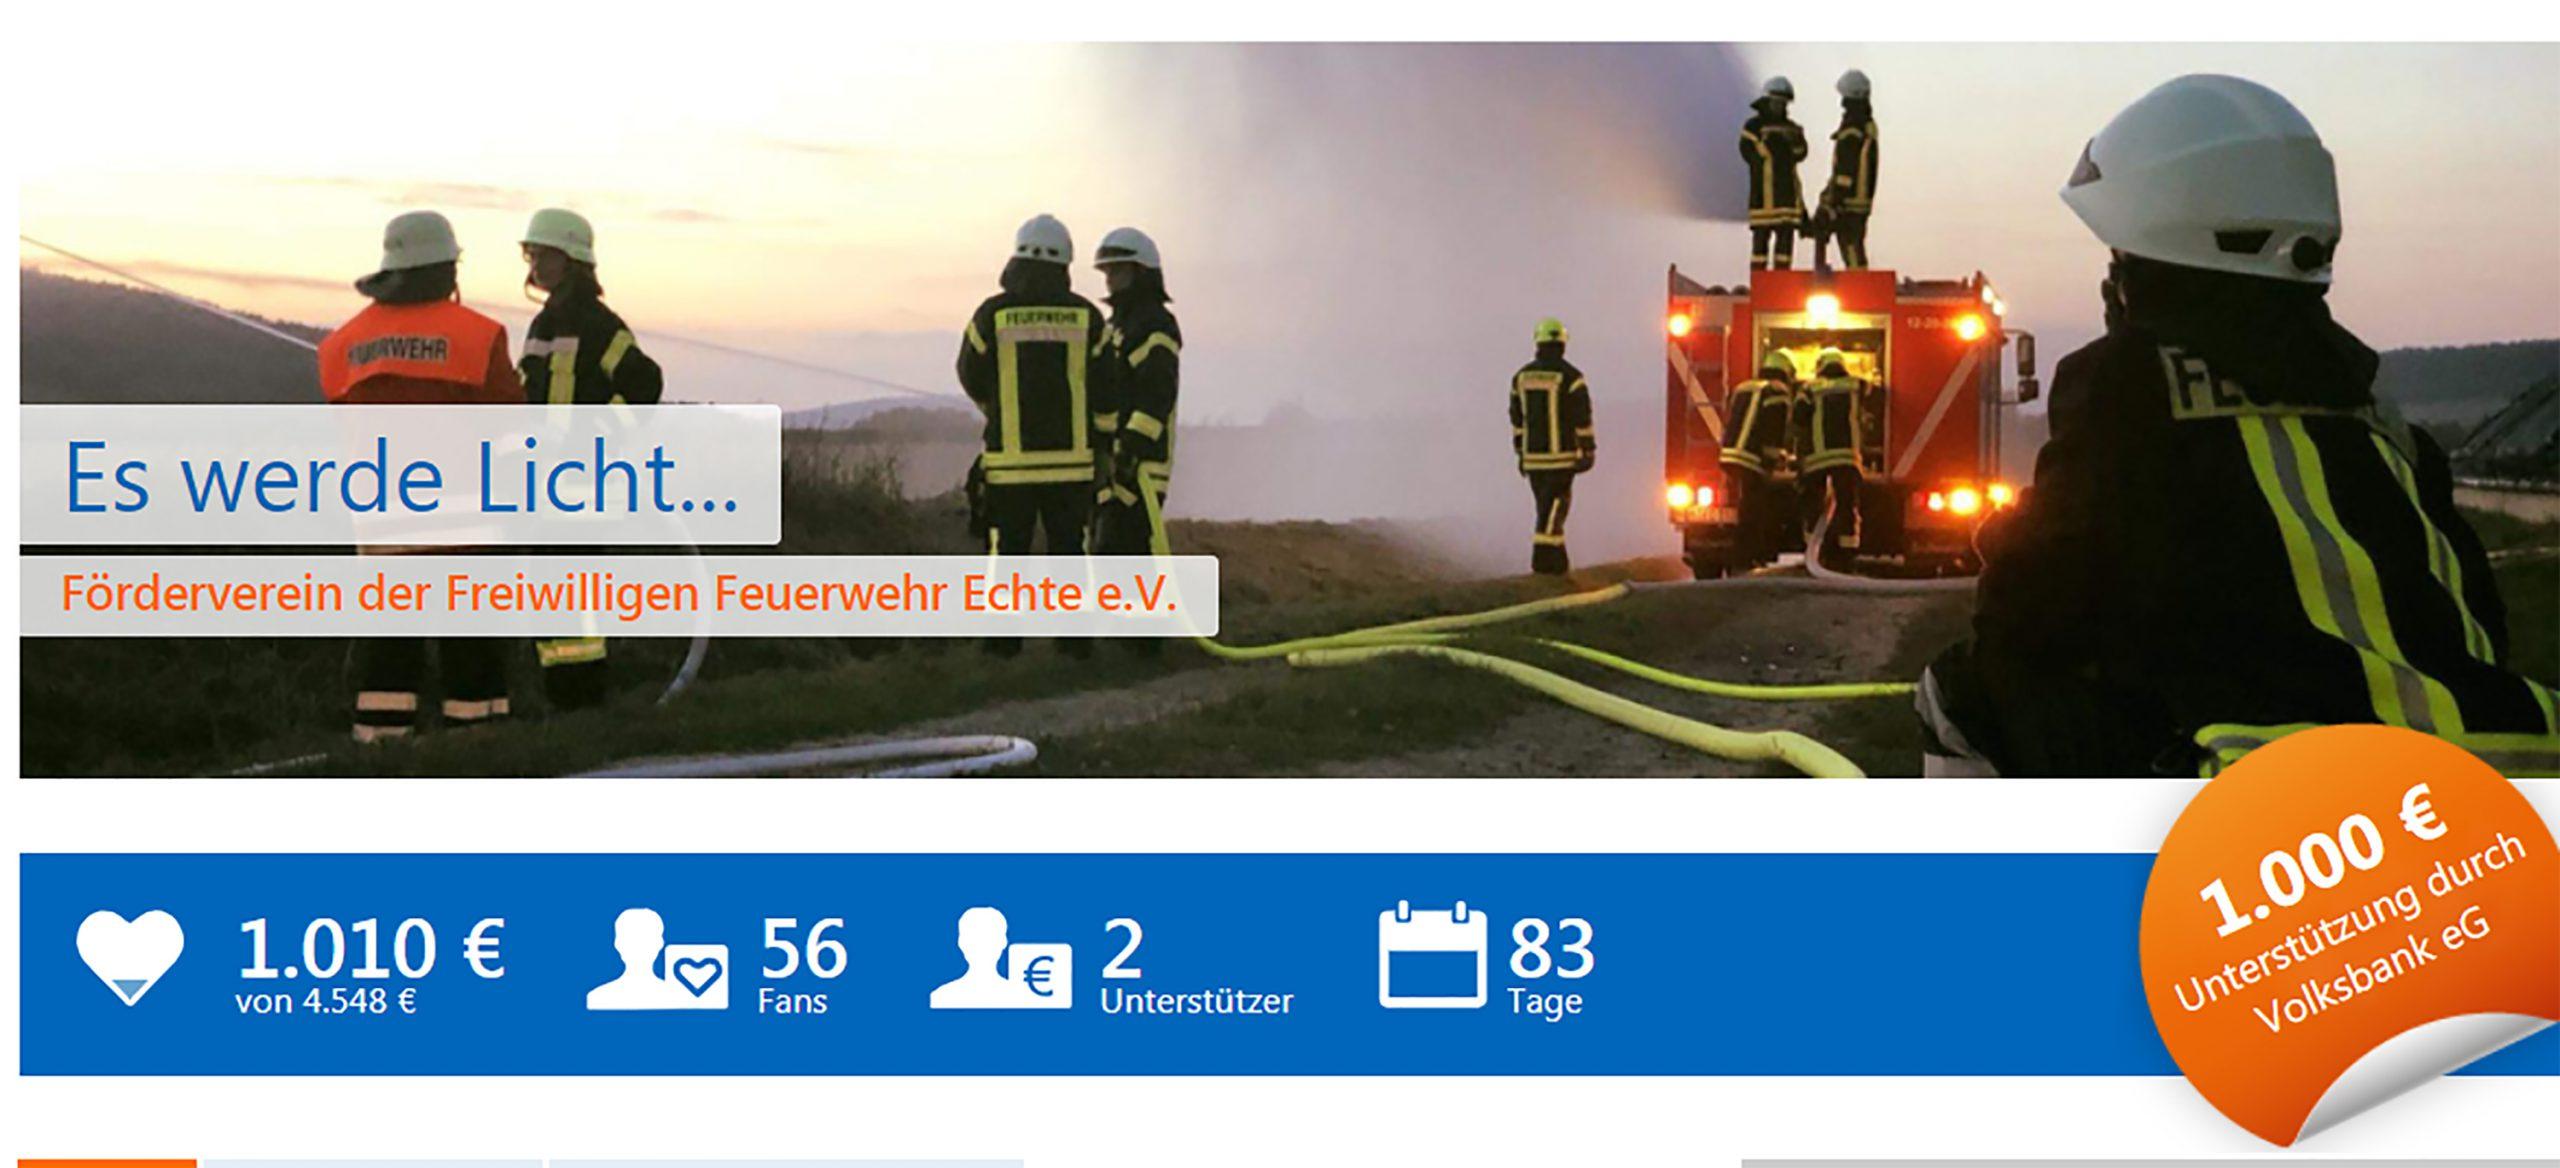 Crowdfunding bei der Feuerwehr: Wie uns jetzt jeder unterstützen kann